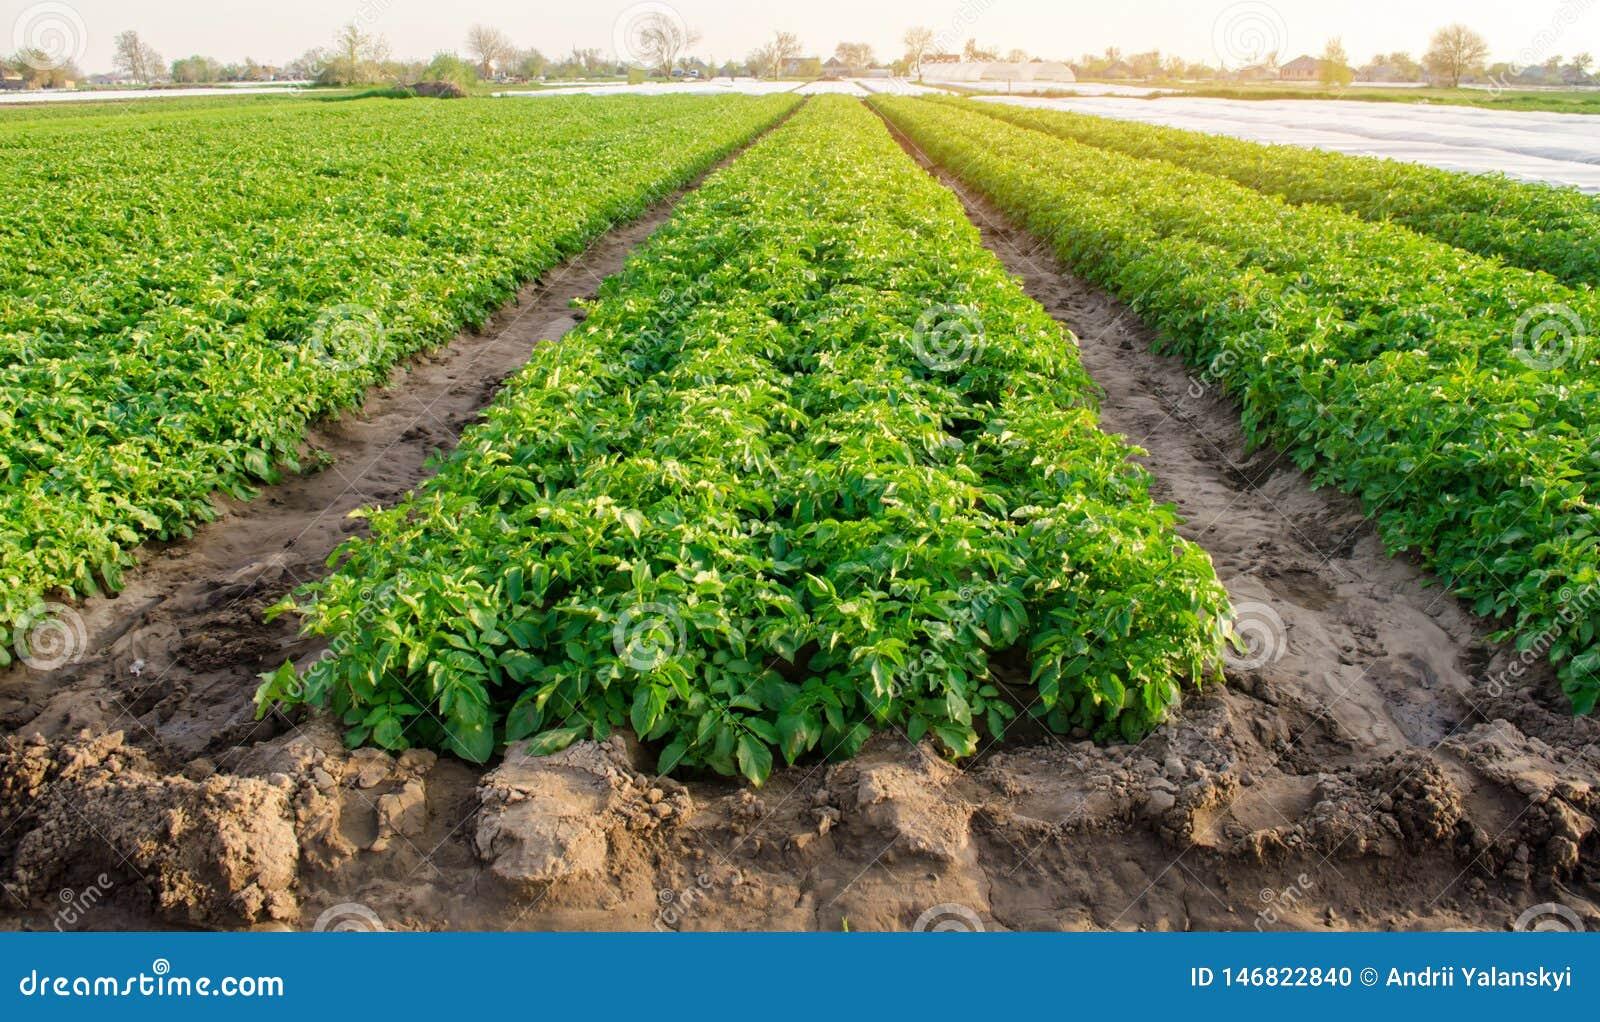 De rijen van aardappels groeien op het landbouwbedrijf Het kweken van organische groenten op het gebied farming Landbouw Selectie